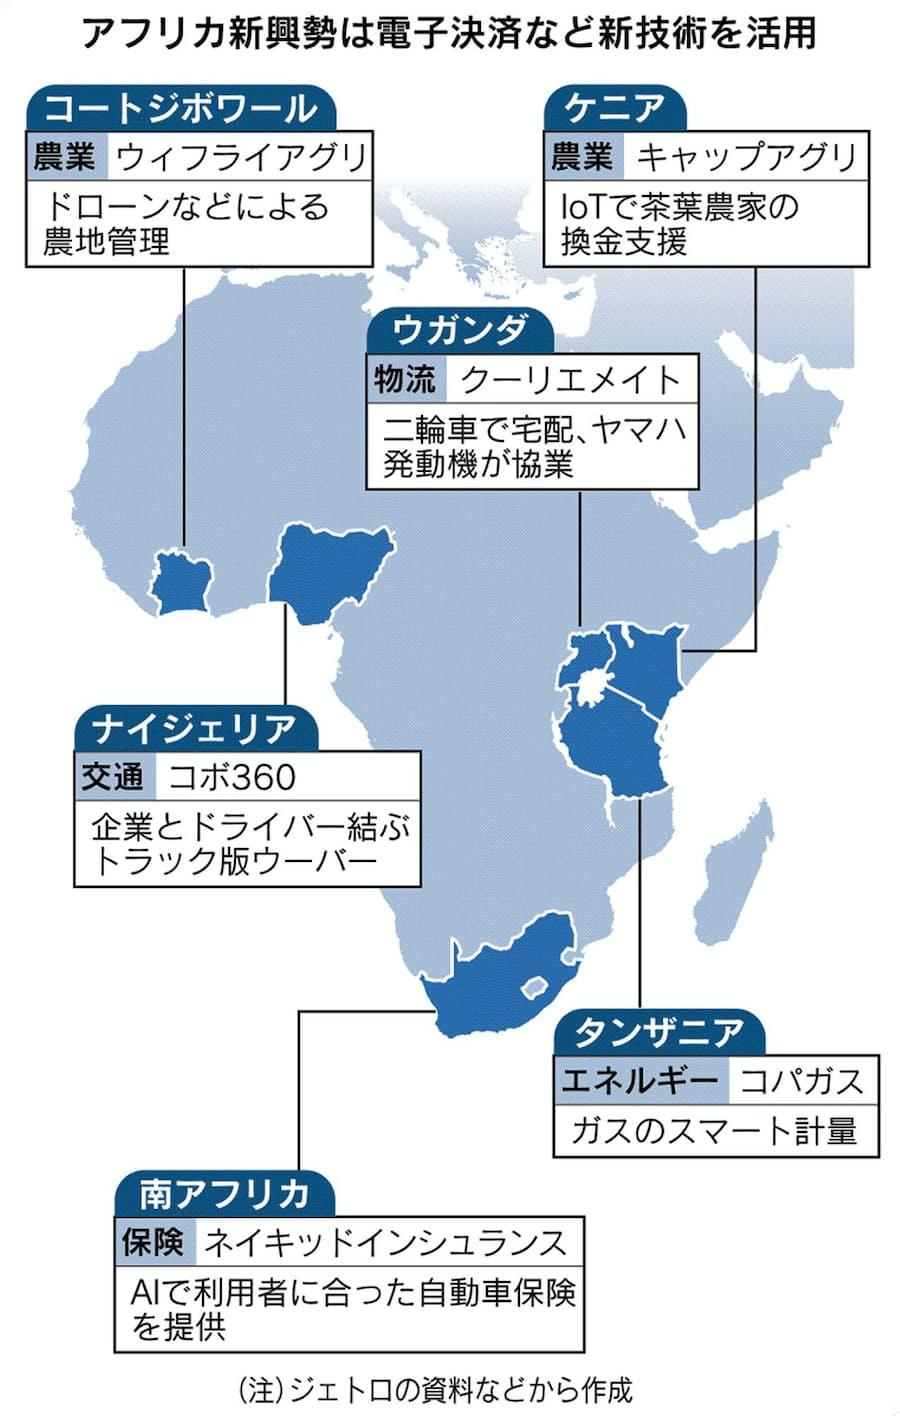 アフリカに起業熱 IoT農業やトラック版ウーバー: 日本経済新聞